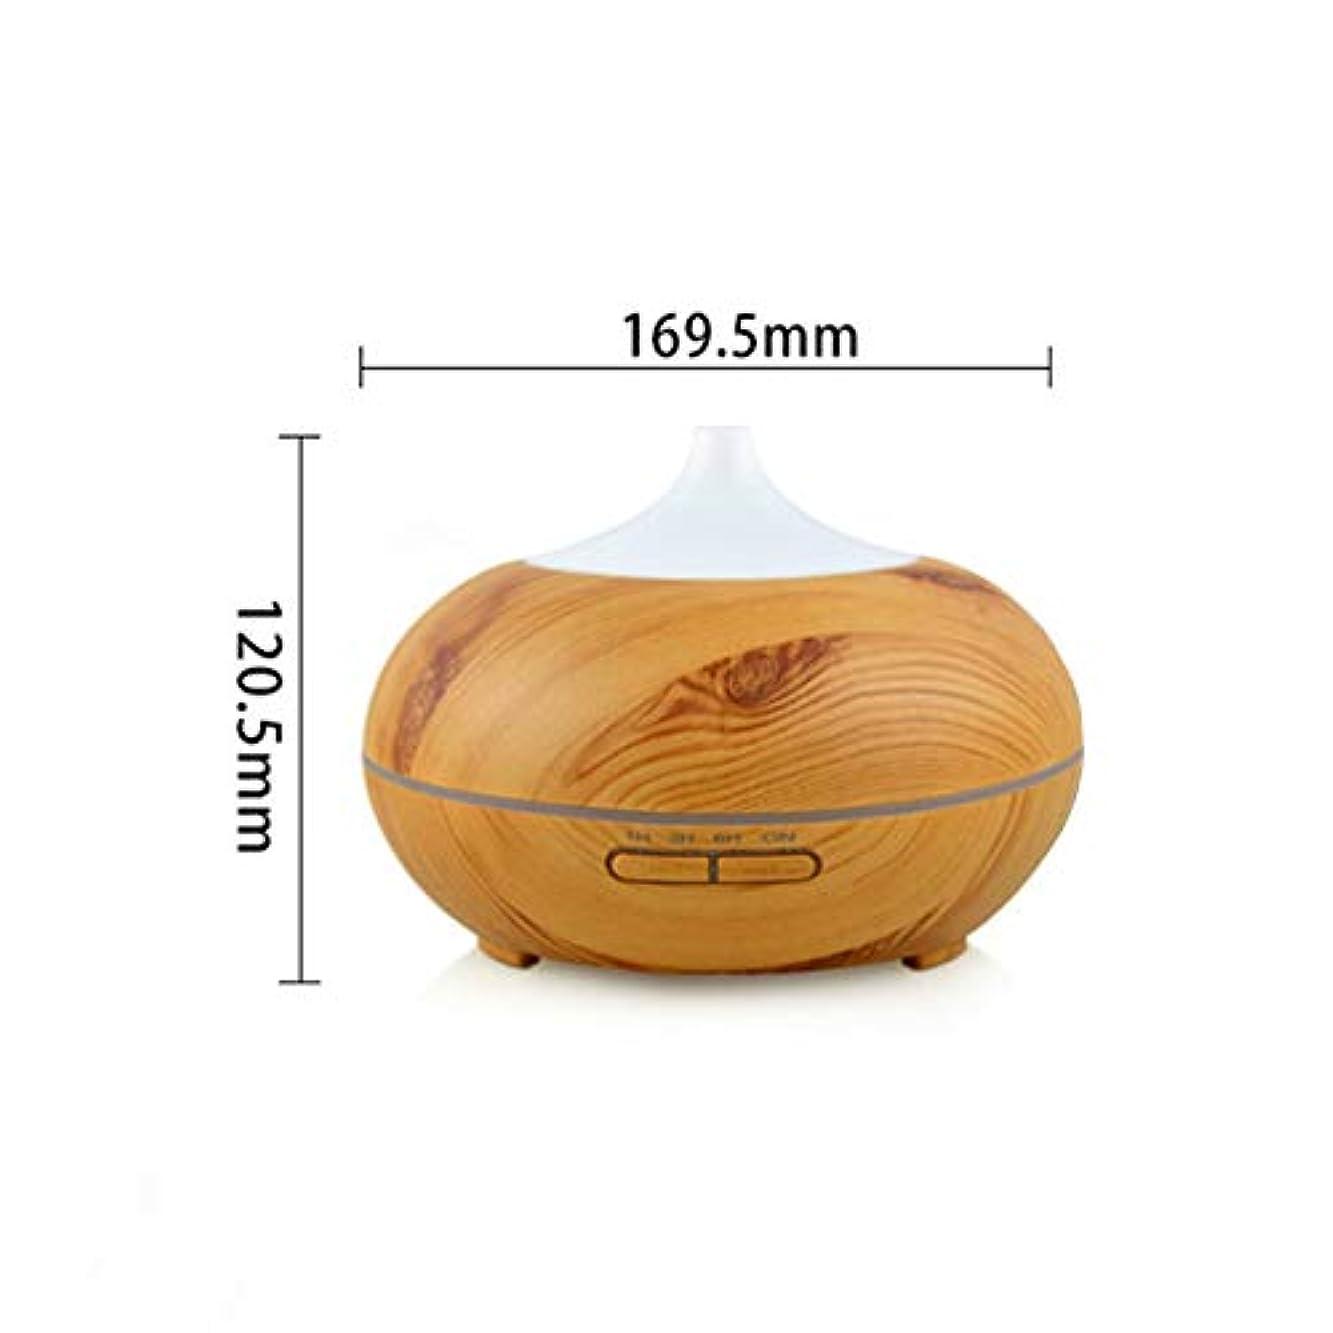 試みるパキスタン美しい木目 涼しい霧 加湿器,7 色 空気を浄化 加湿機 時間 手動 Wifiアプリコントロール 精油 ディフューザー アロマネブライザー Yoga- 300ml